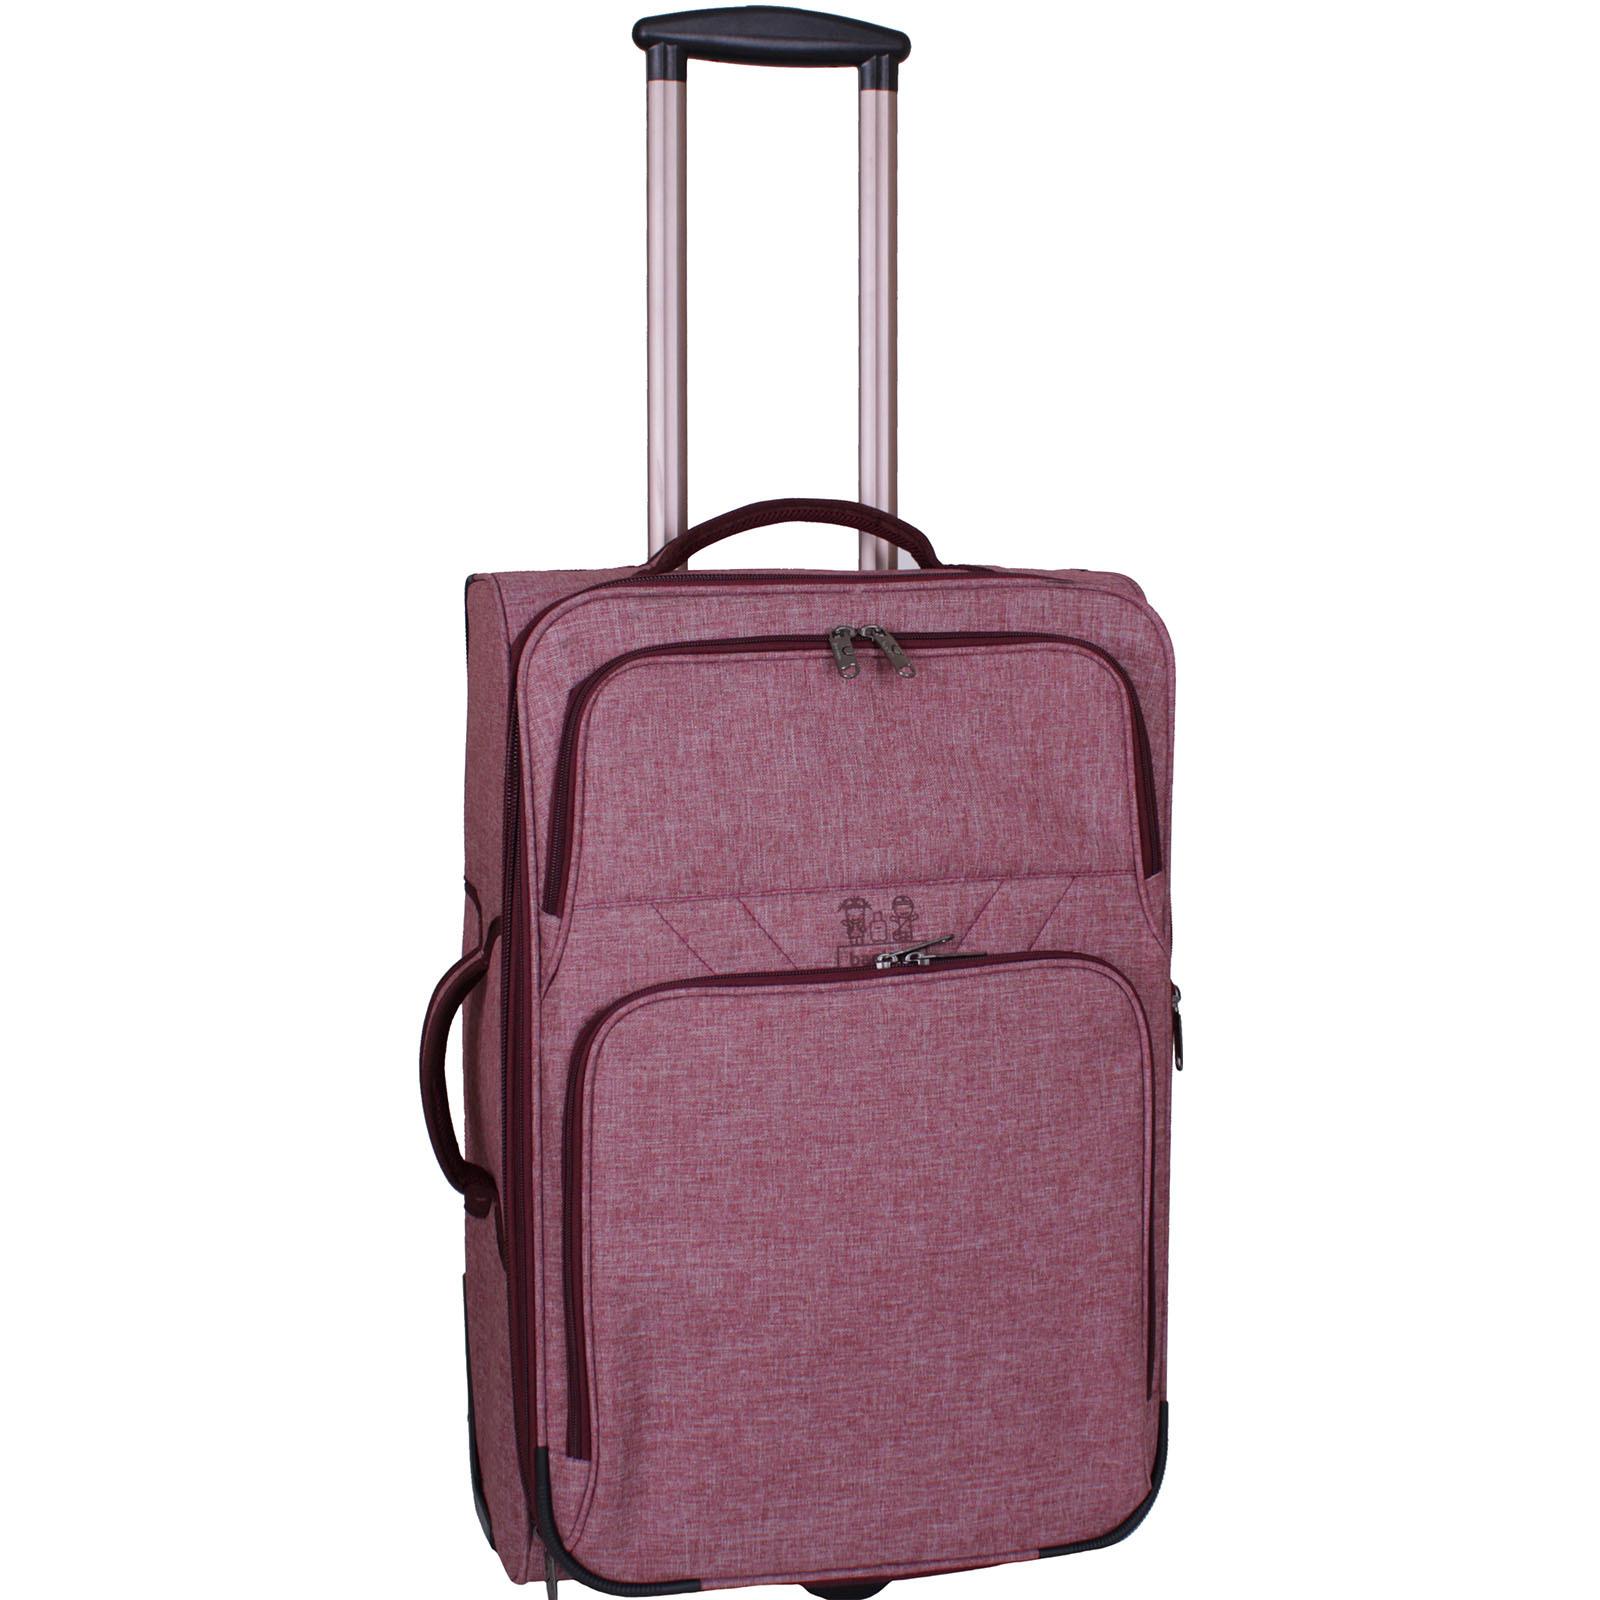 Дорожные чемоданы Чемодан Bagland Леон средний 51 л. Бордовый (003766924) IMG_3053.JPG